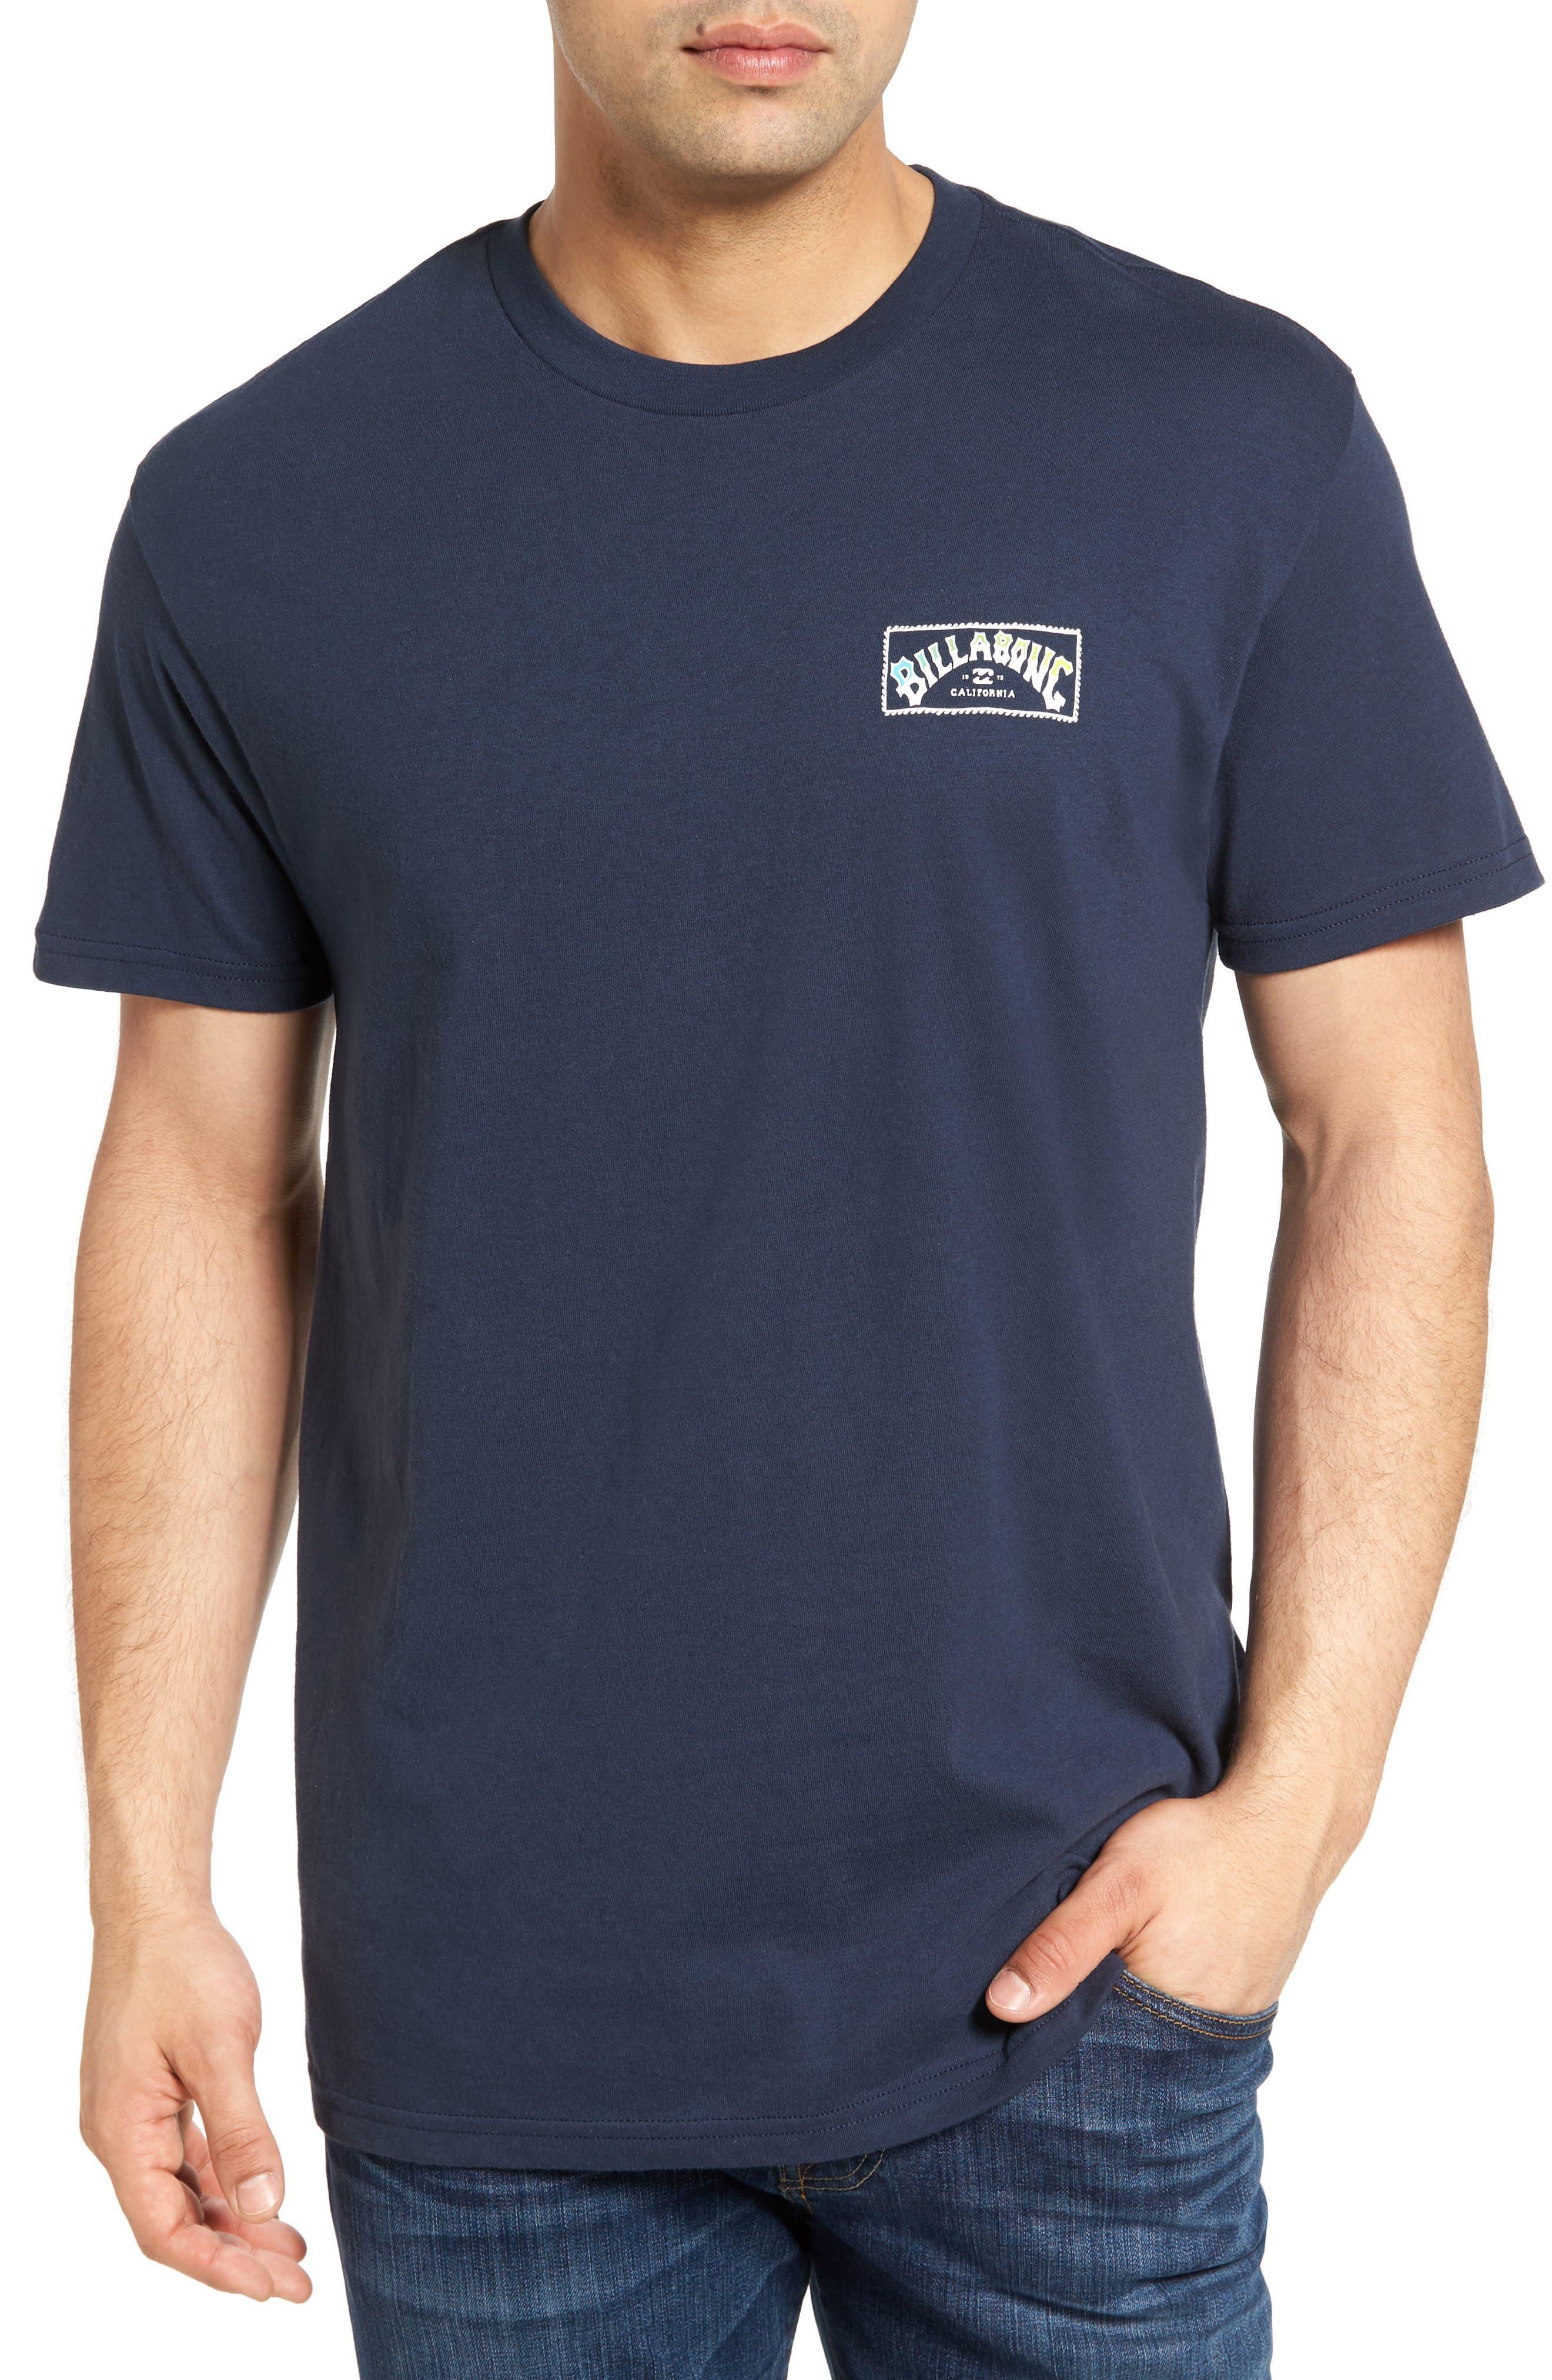 Billabong Sticker Arch Graphic T-Shirt